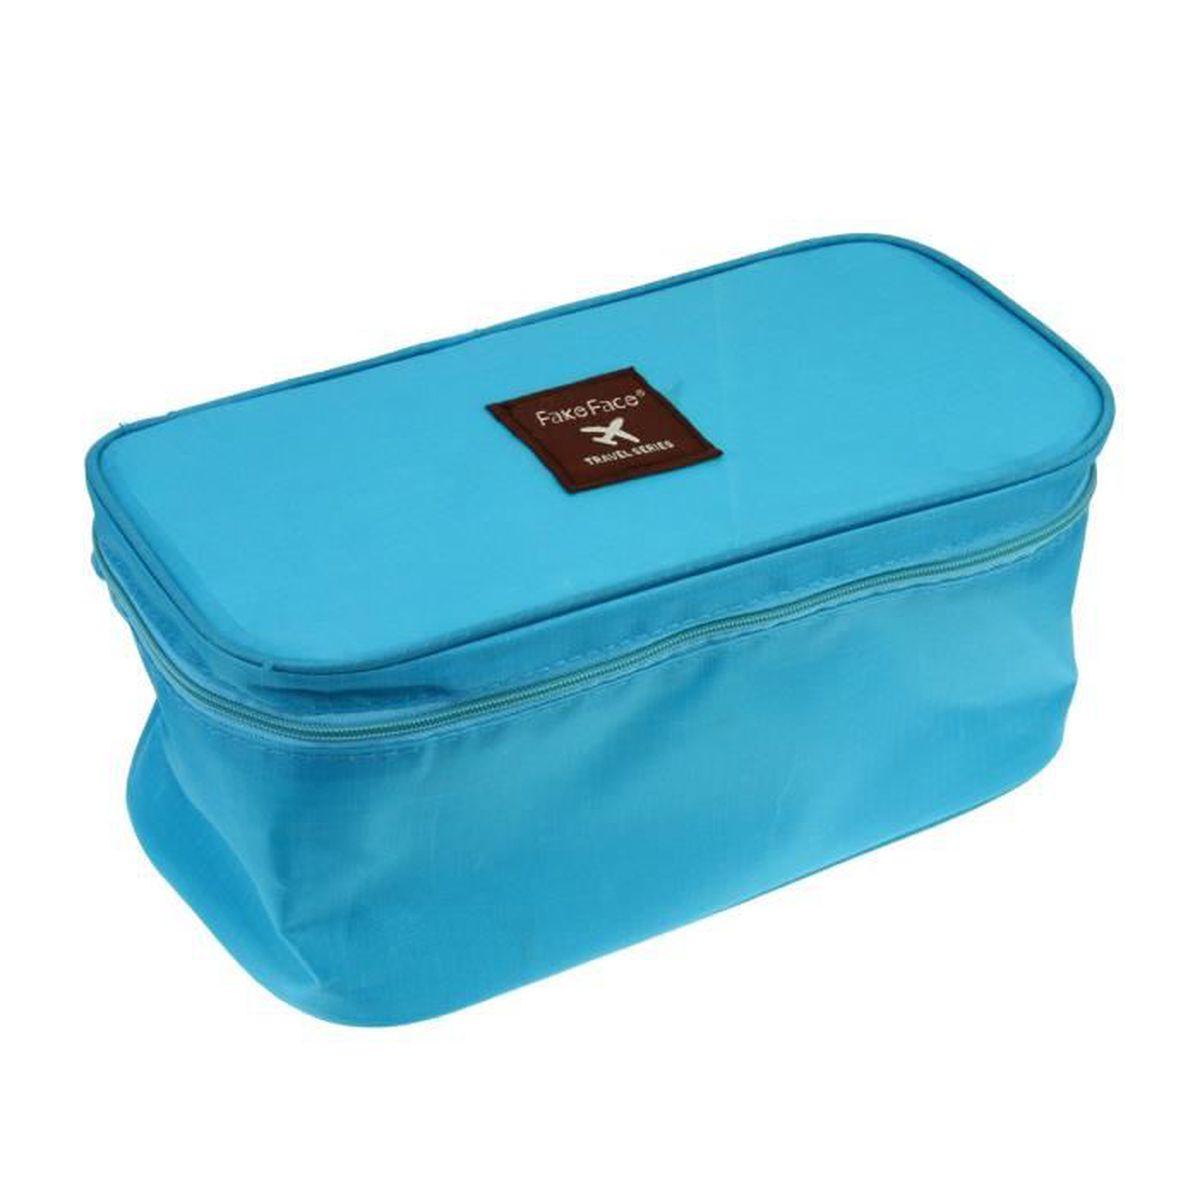 multifonction sac de lavage sac de voyage finition stockage sous v tements sac a main ou sac de. Black Bedroom Furniture Sets. Home Design Ideas